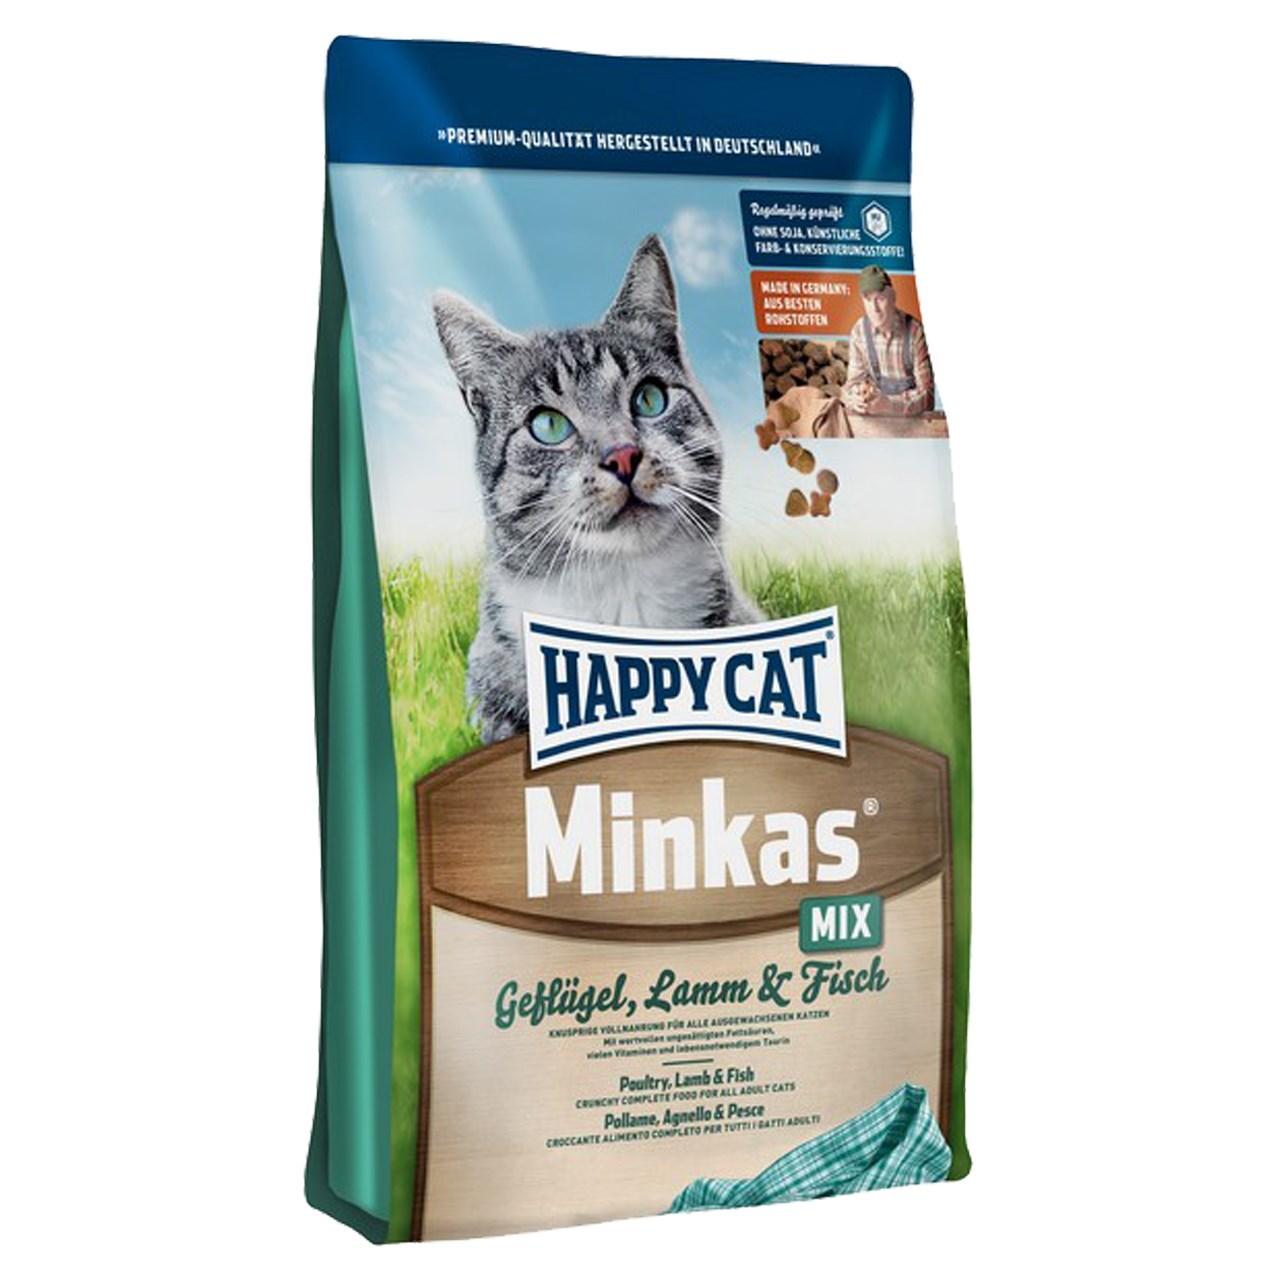 غذای خشک گربه هپی کت مدل مینکاس میکس 10 کیلوگرمی